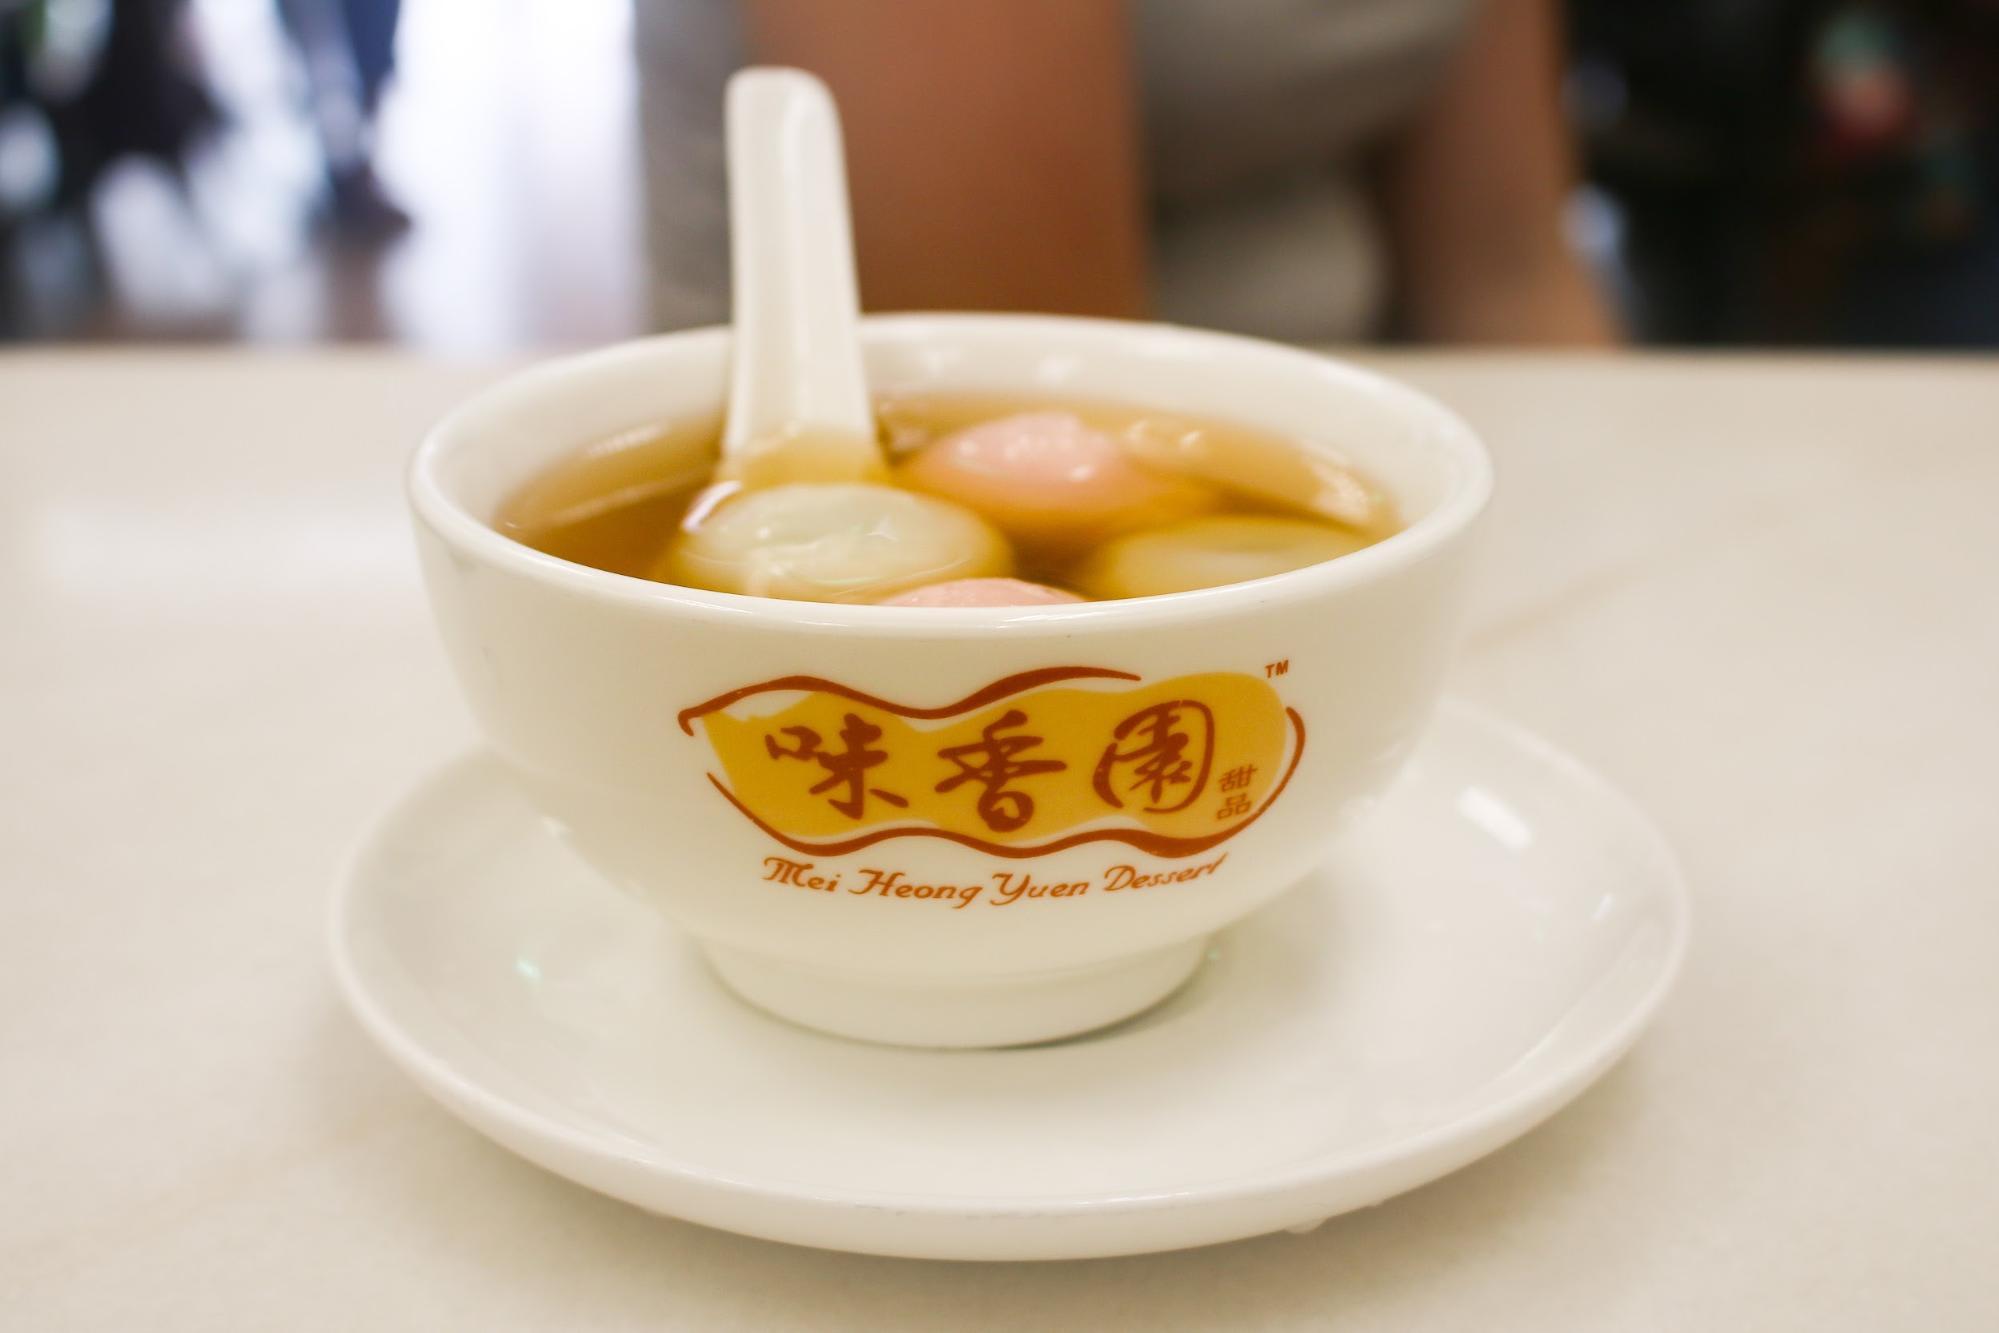 nhà hàng mei heong yuen singapore